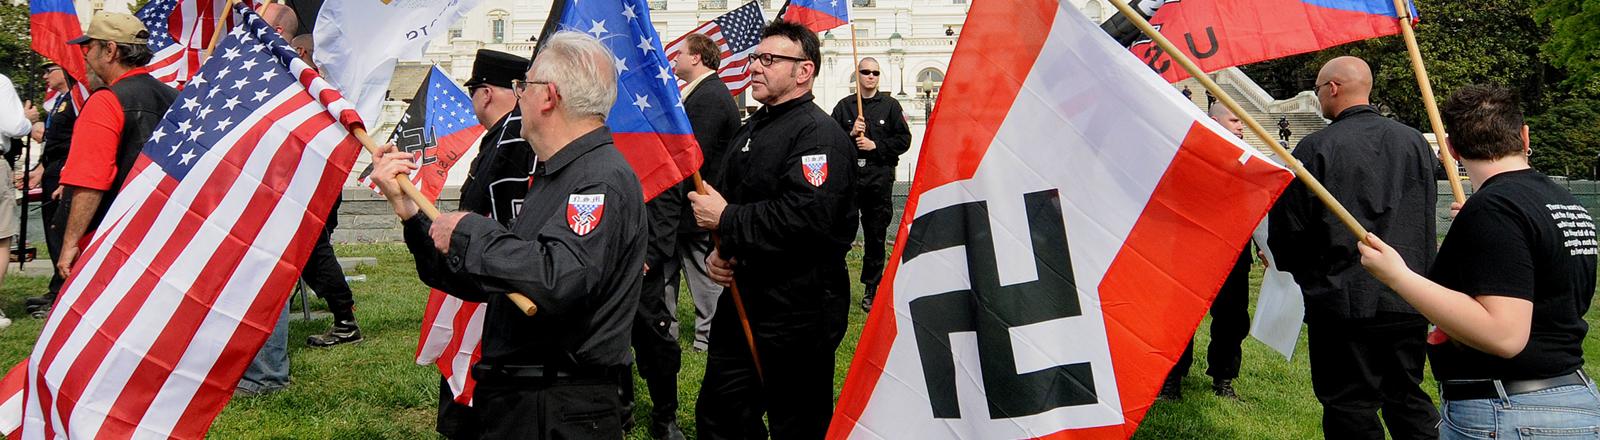 Rechtsextreme Demonstranten mit Amrika- und Hakenkreuz-Flaggen in Washington